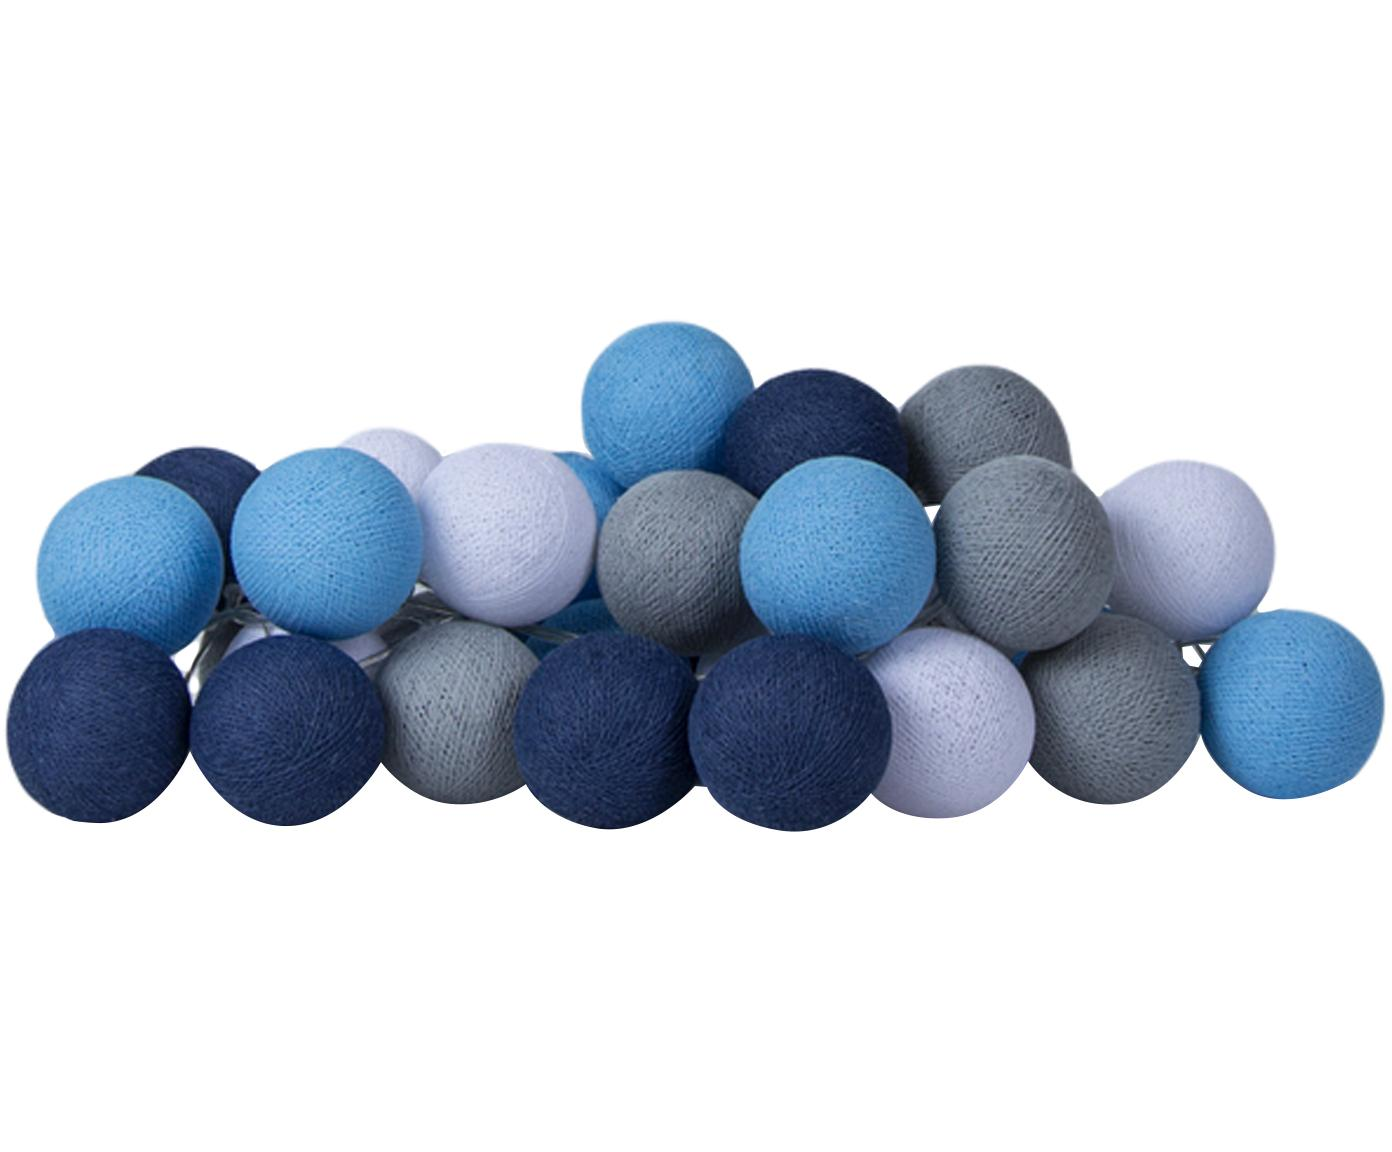 Ghirlanda  a LED Colorain, Blu, grigio, bianco, Lung. 354 cm